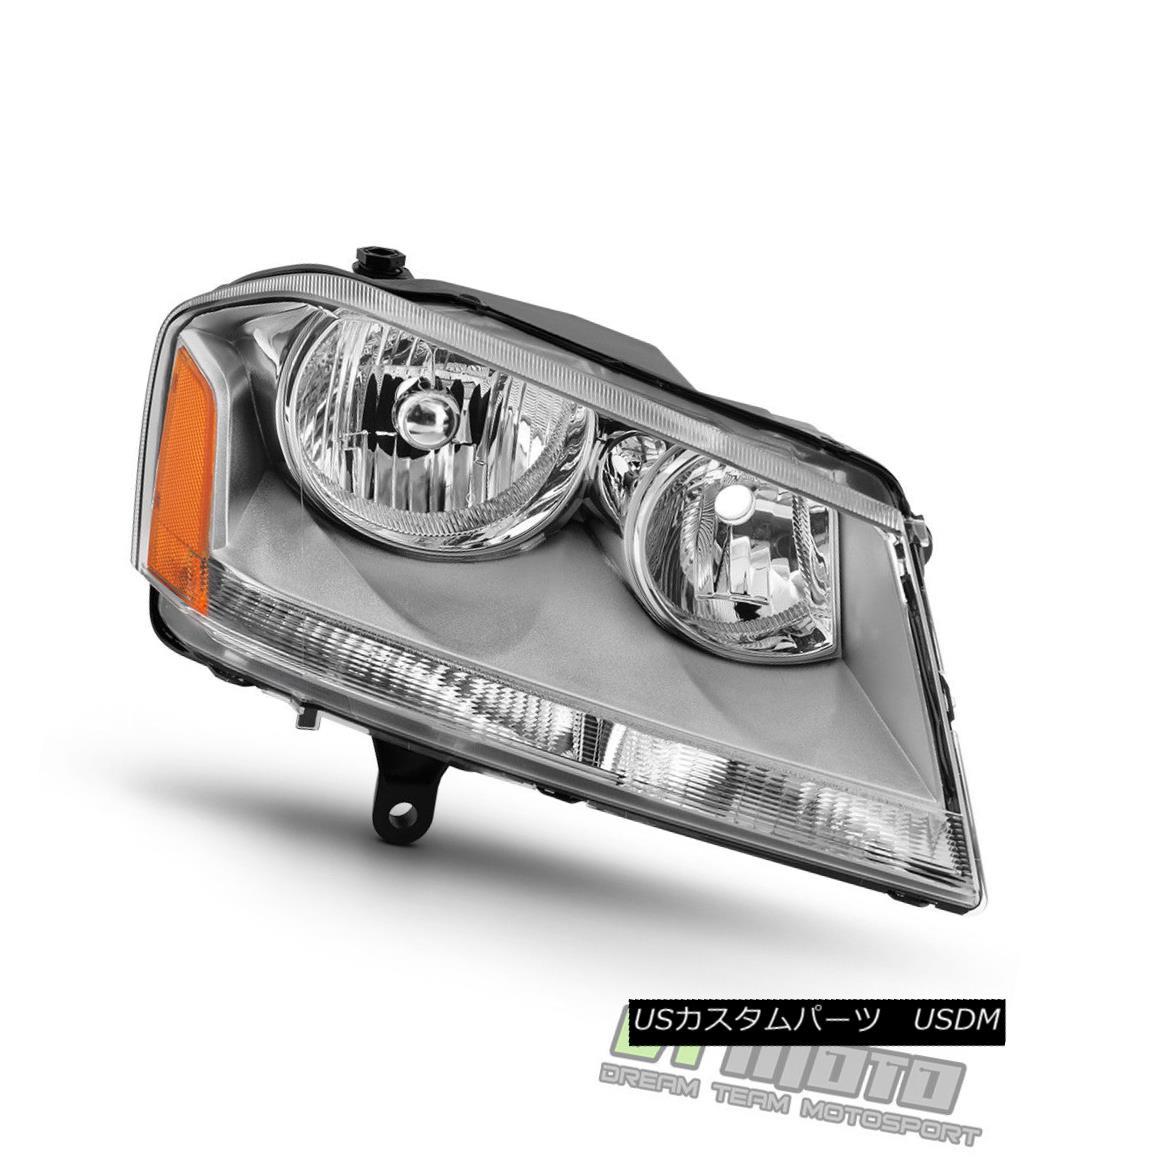 ヘッドライト 2008-2014 Dodge Avenger Headlight Headlamp Replacement 08-14 Passenger Side RH 2008-2014ダッジアヴェンジャーヘッドライトヘッドランプ交換08-14乗客側RH